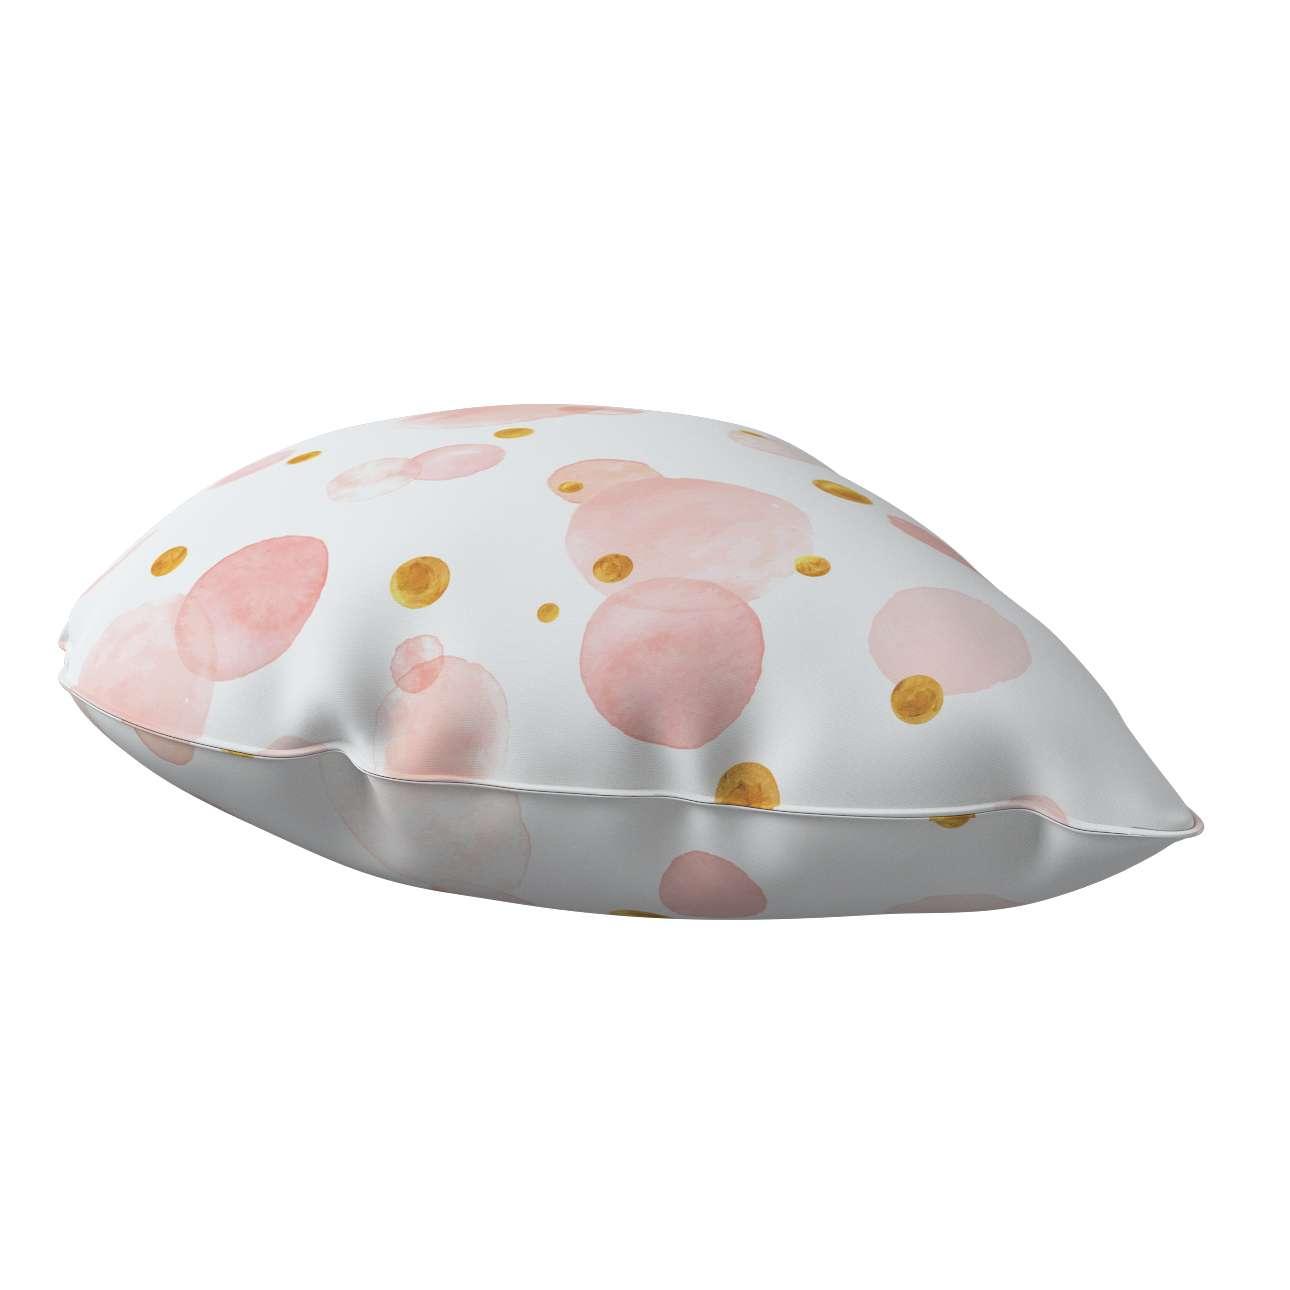 Kissen Sweet Drop von der Kollektion Magic Collection, Stoff: 500-13